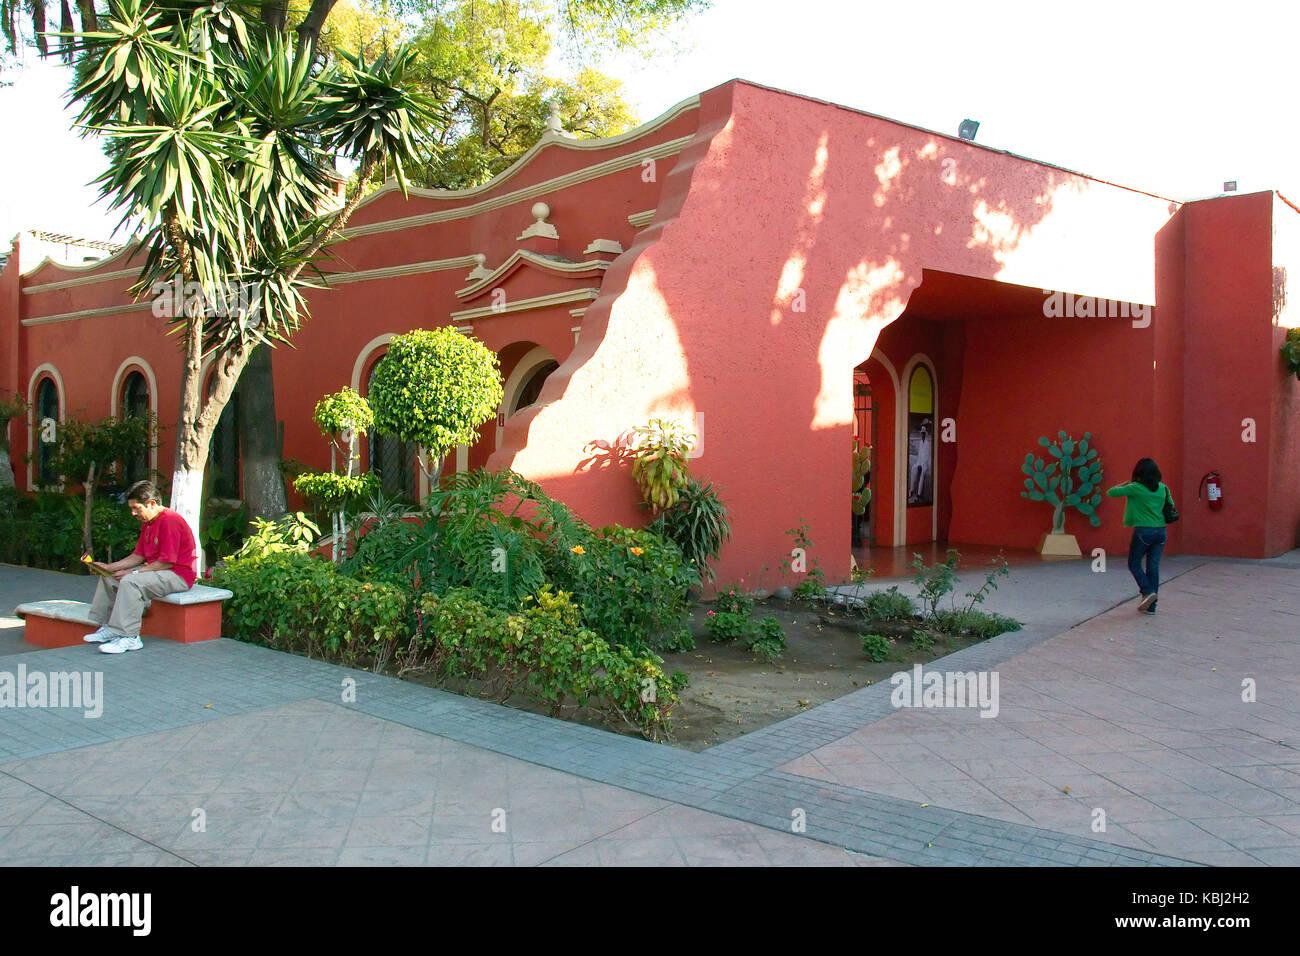 Venustiano Carranza, Città del Messico, Messico - 2017: Museo Nacional de las culturas populares (museo nazionale Immagini Stock